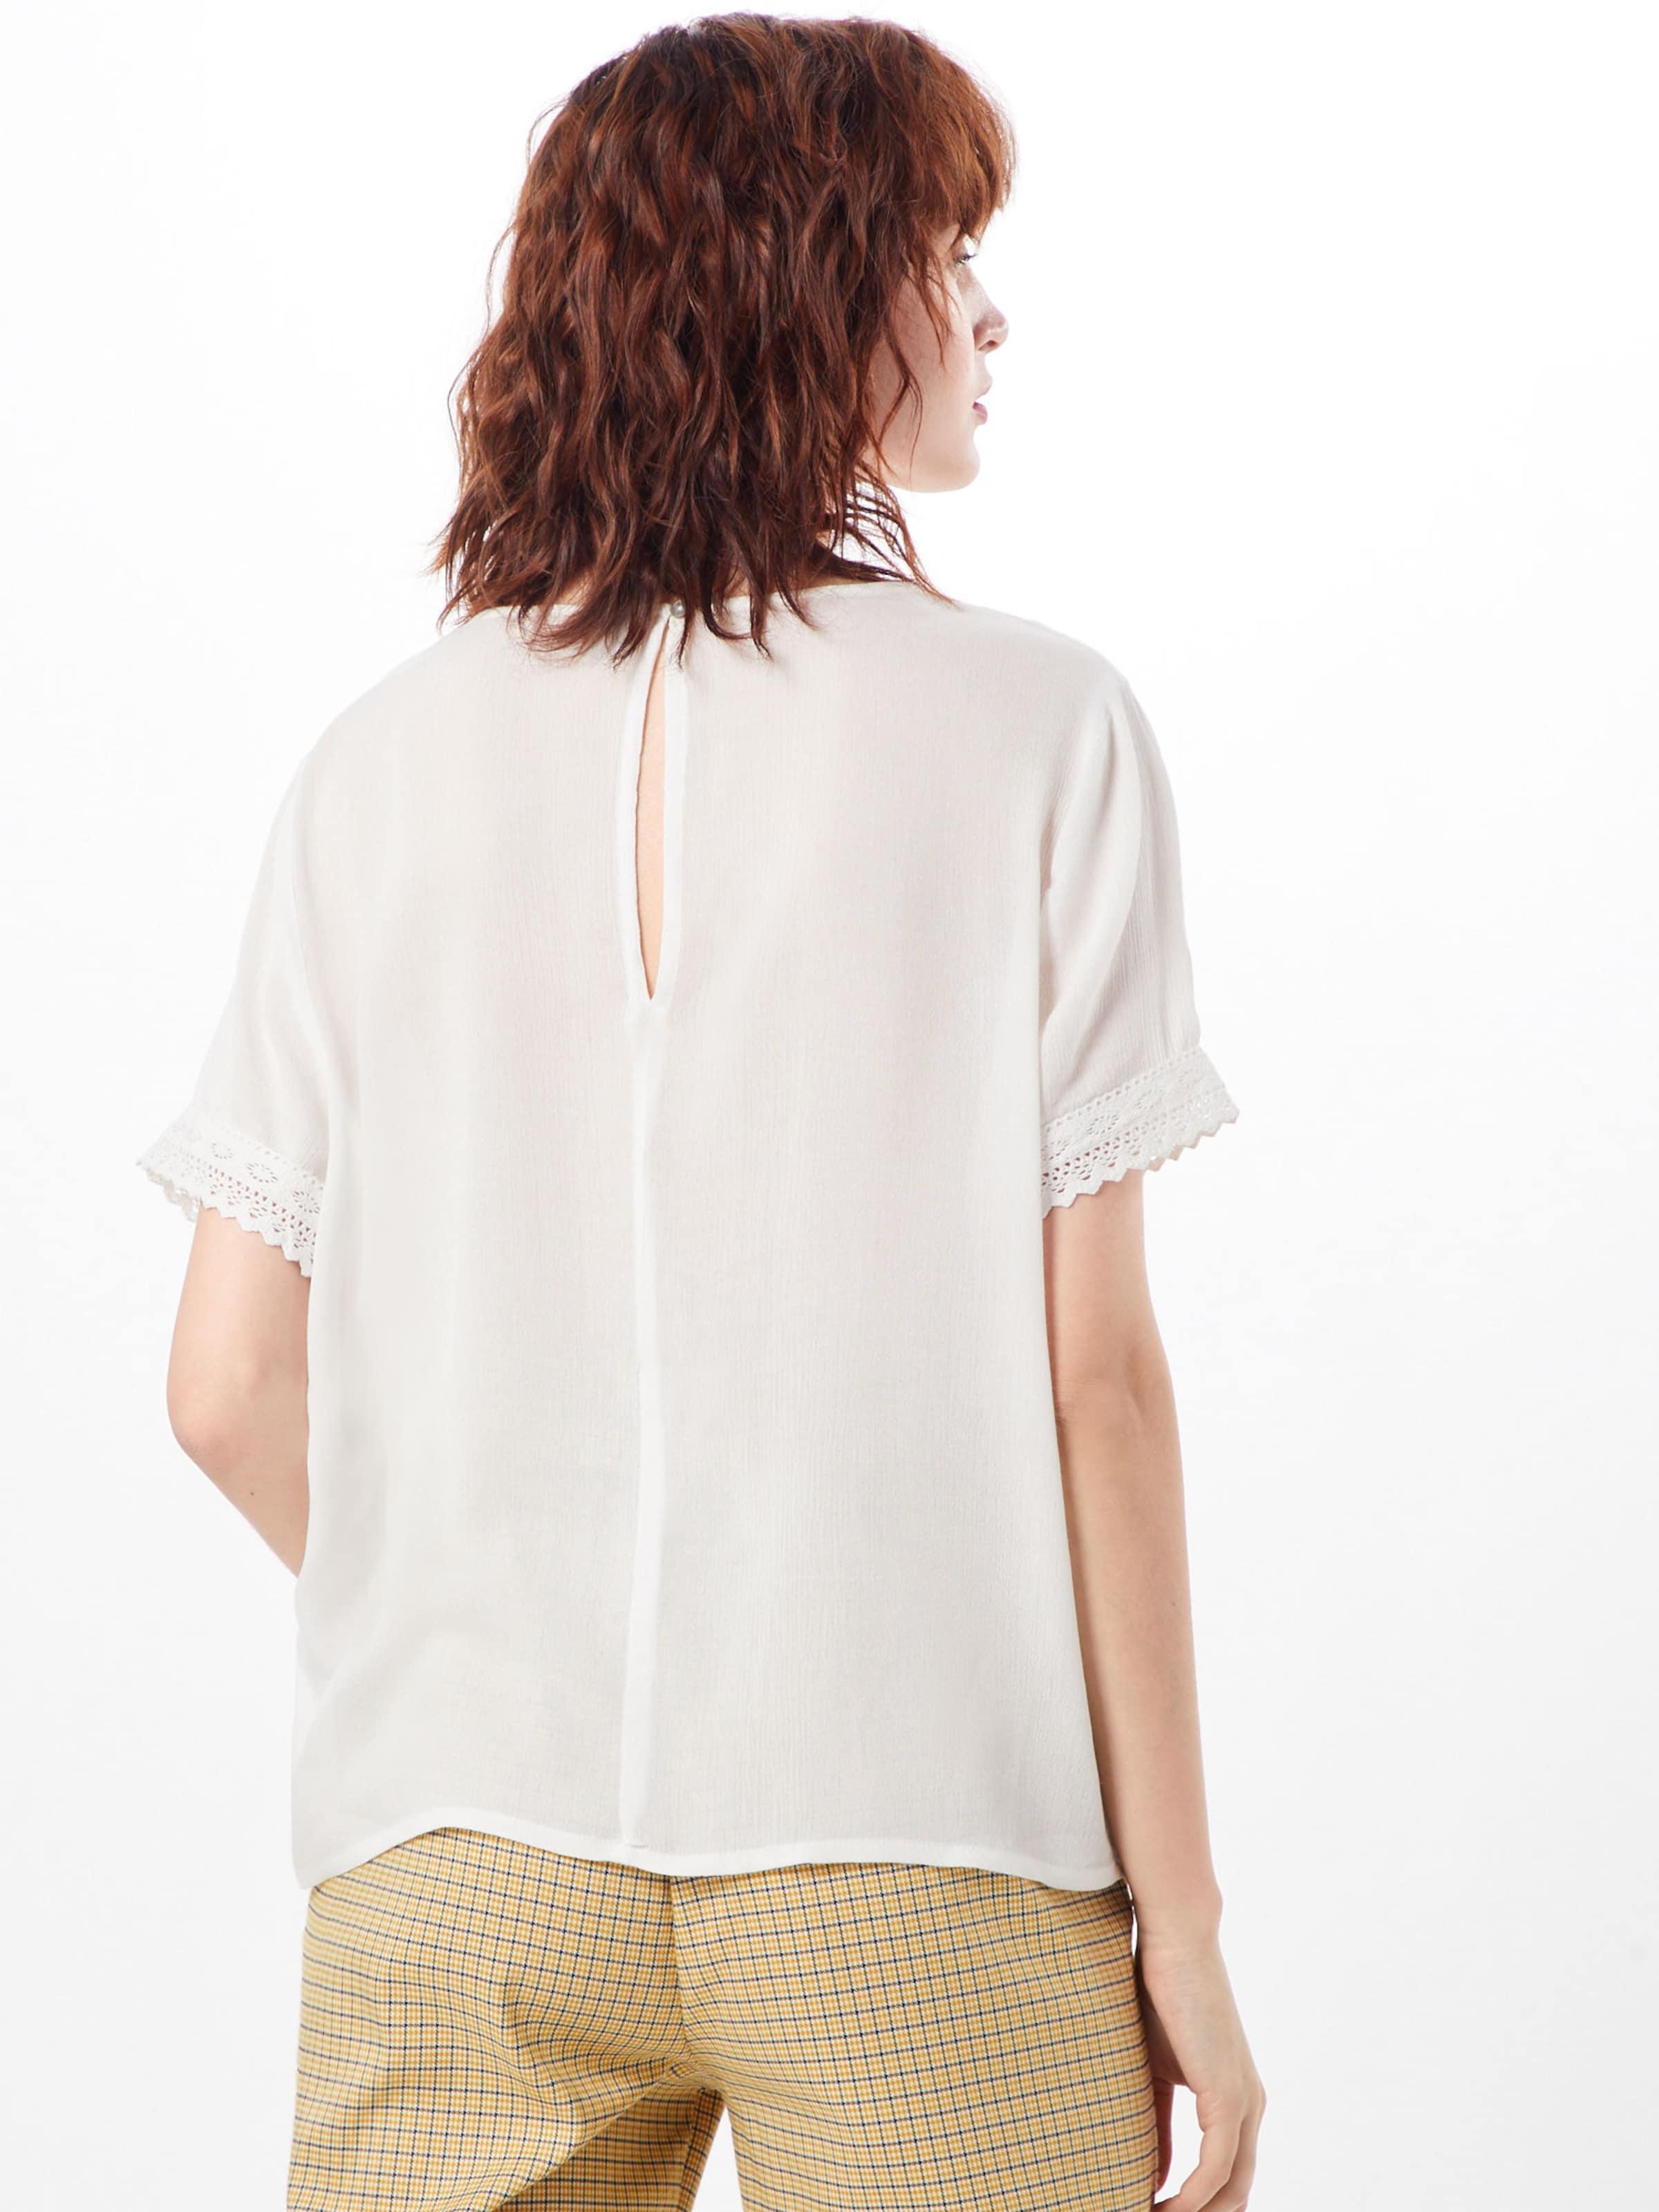 De shirt 'june' Blanc Jacqueline En Yong T q34cARj5L